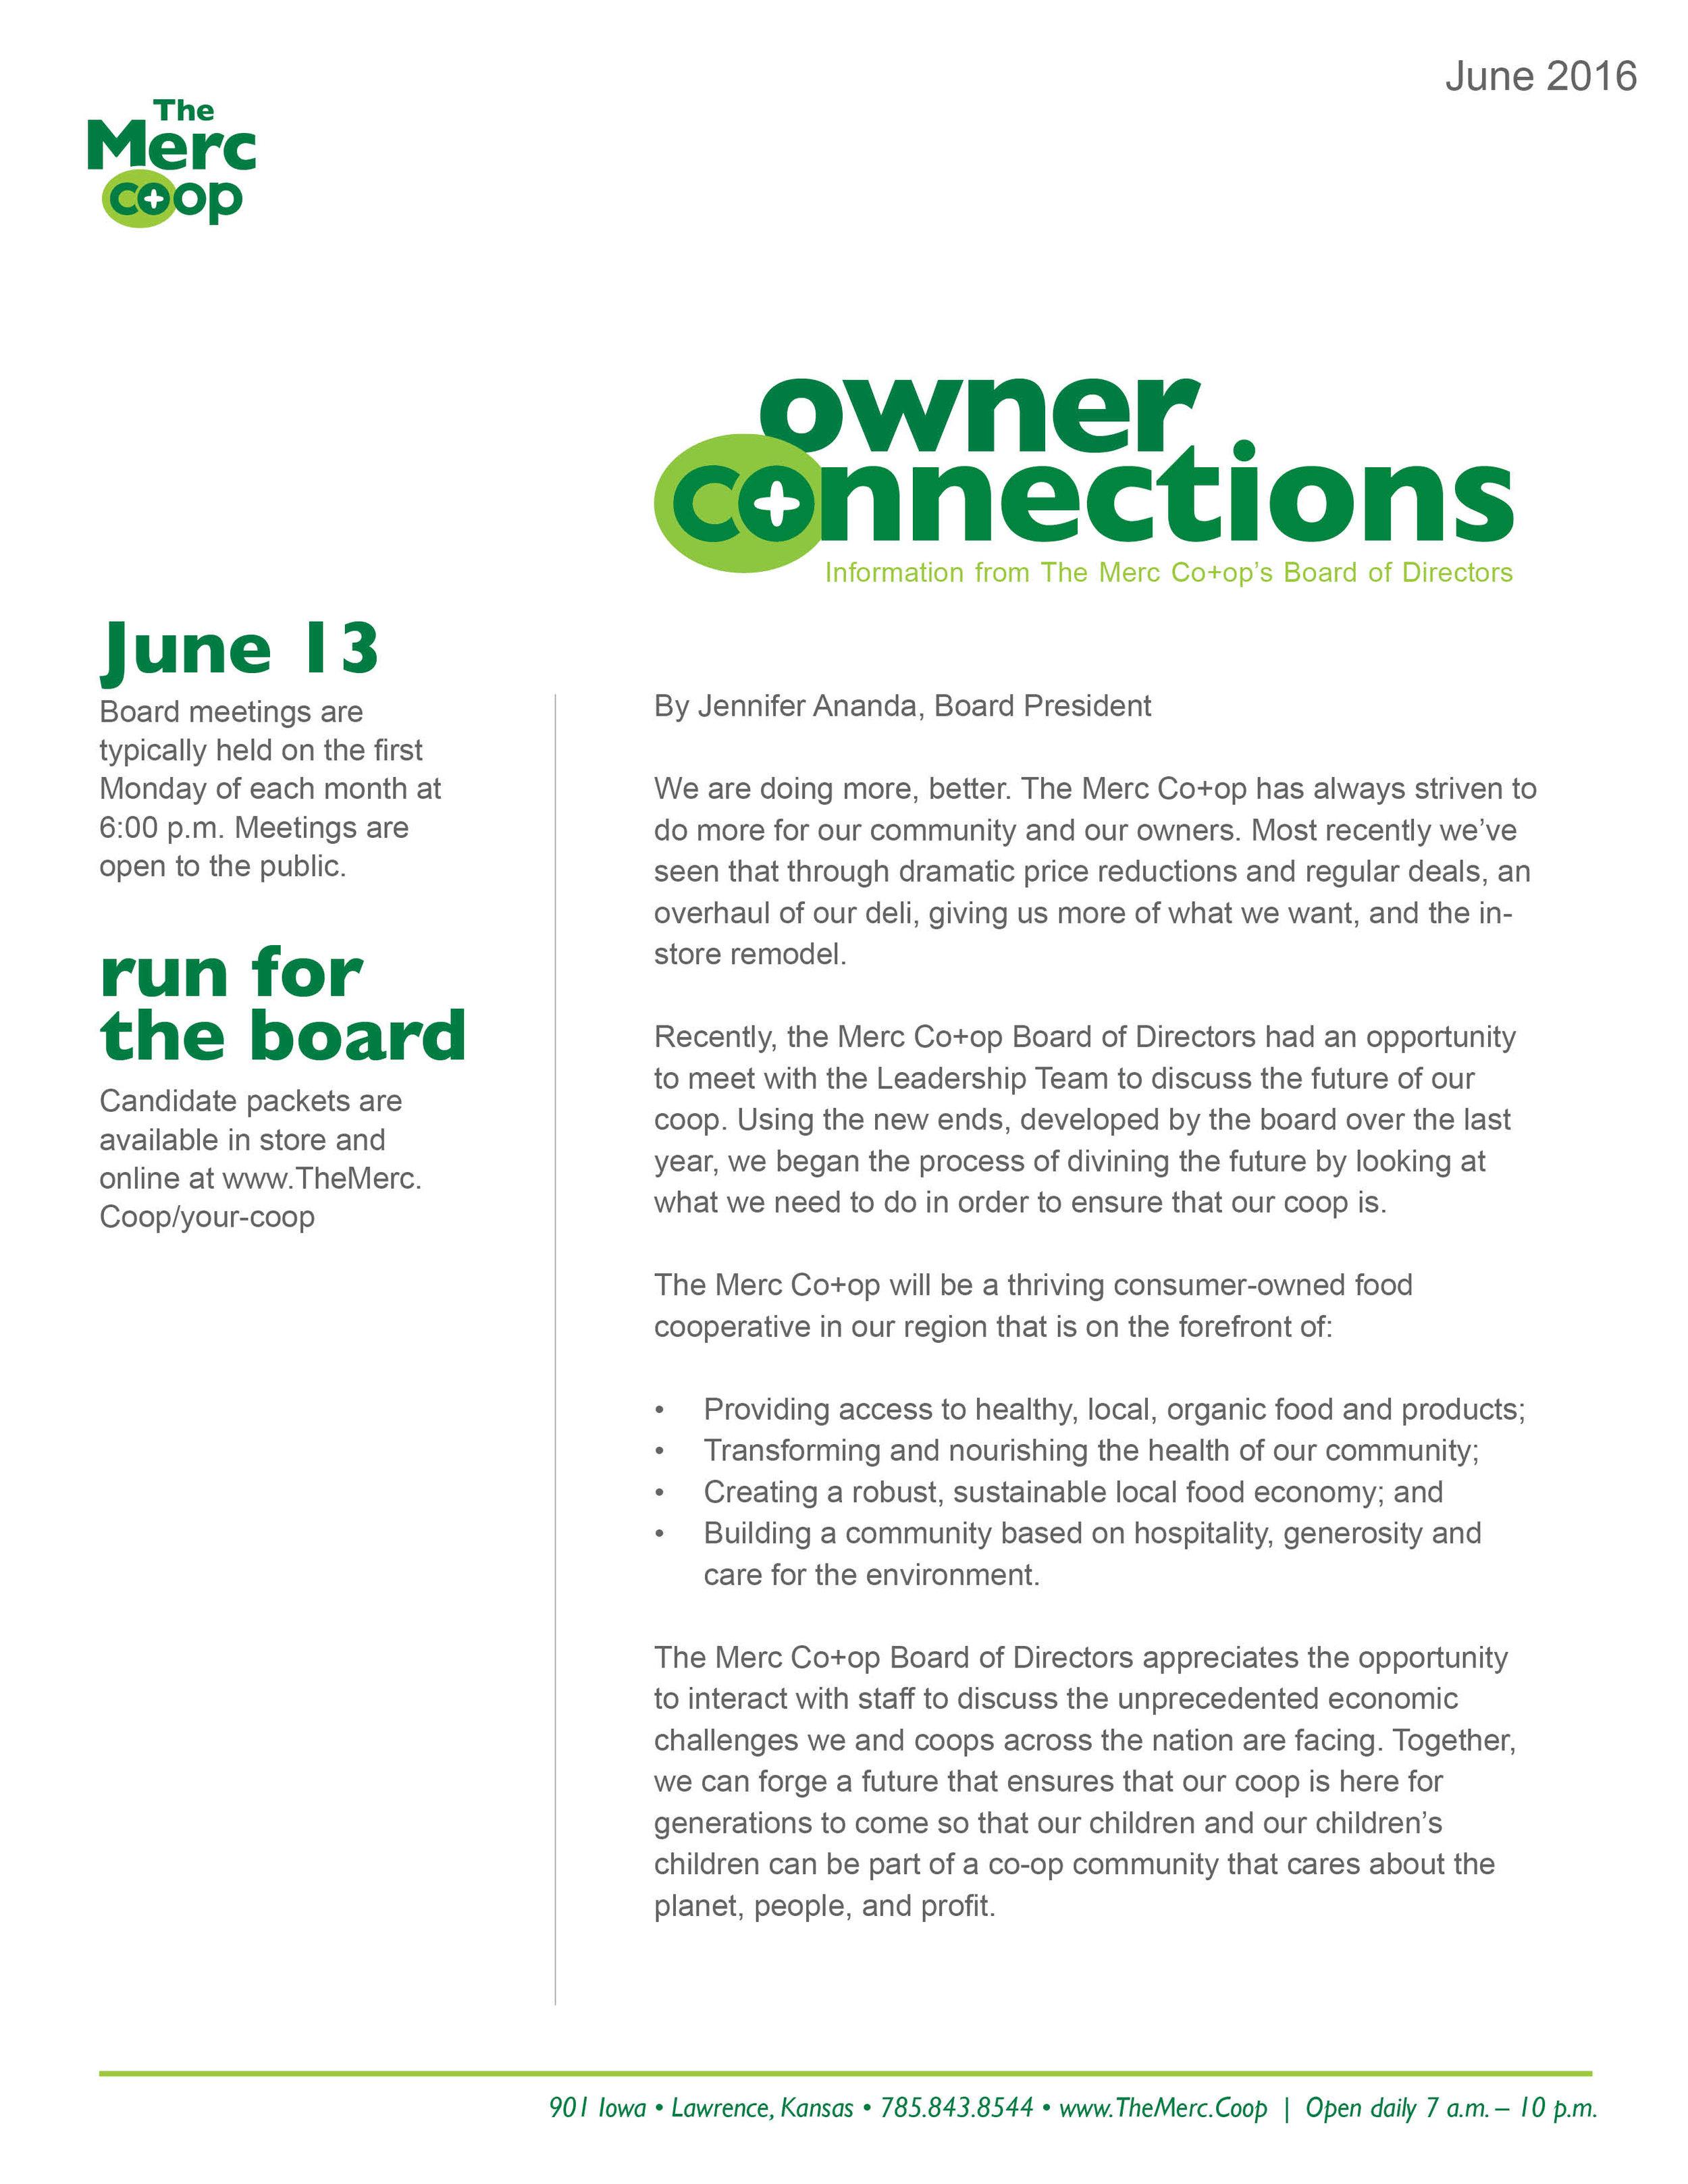 OwnerConnectons_June2016.jpg